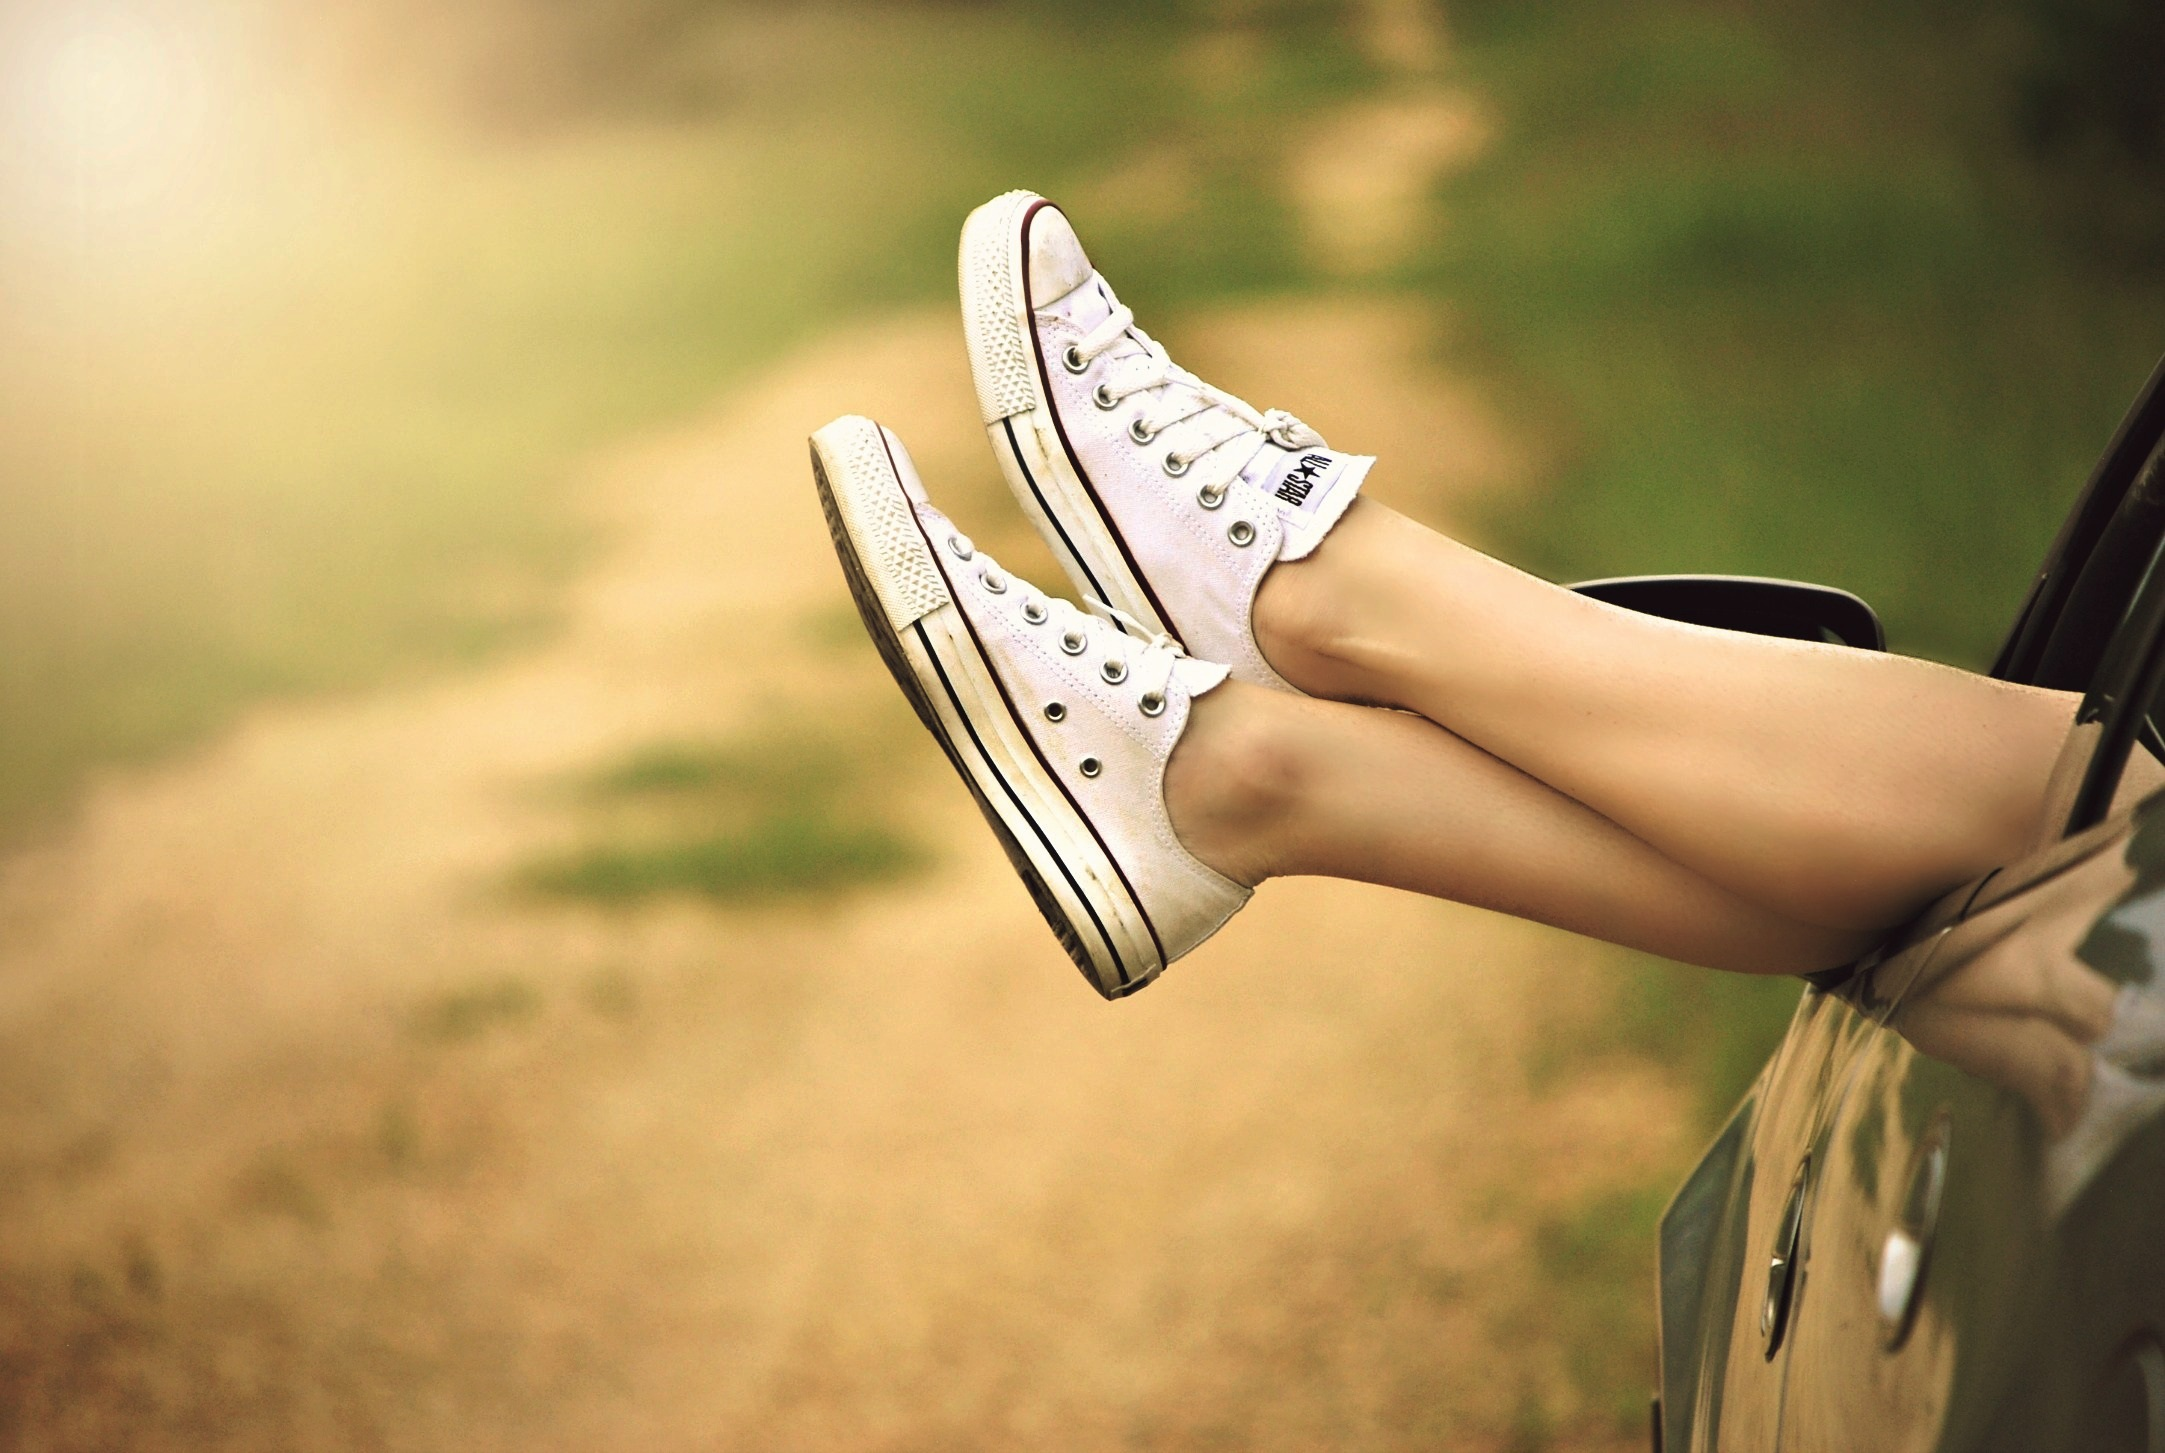 長引く捻挫と捻挫癖の原因は?2つの捻挫改善トレーニング